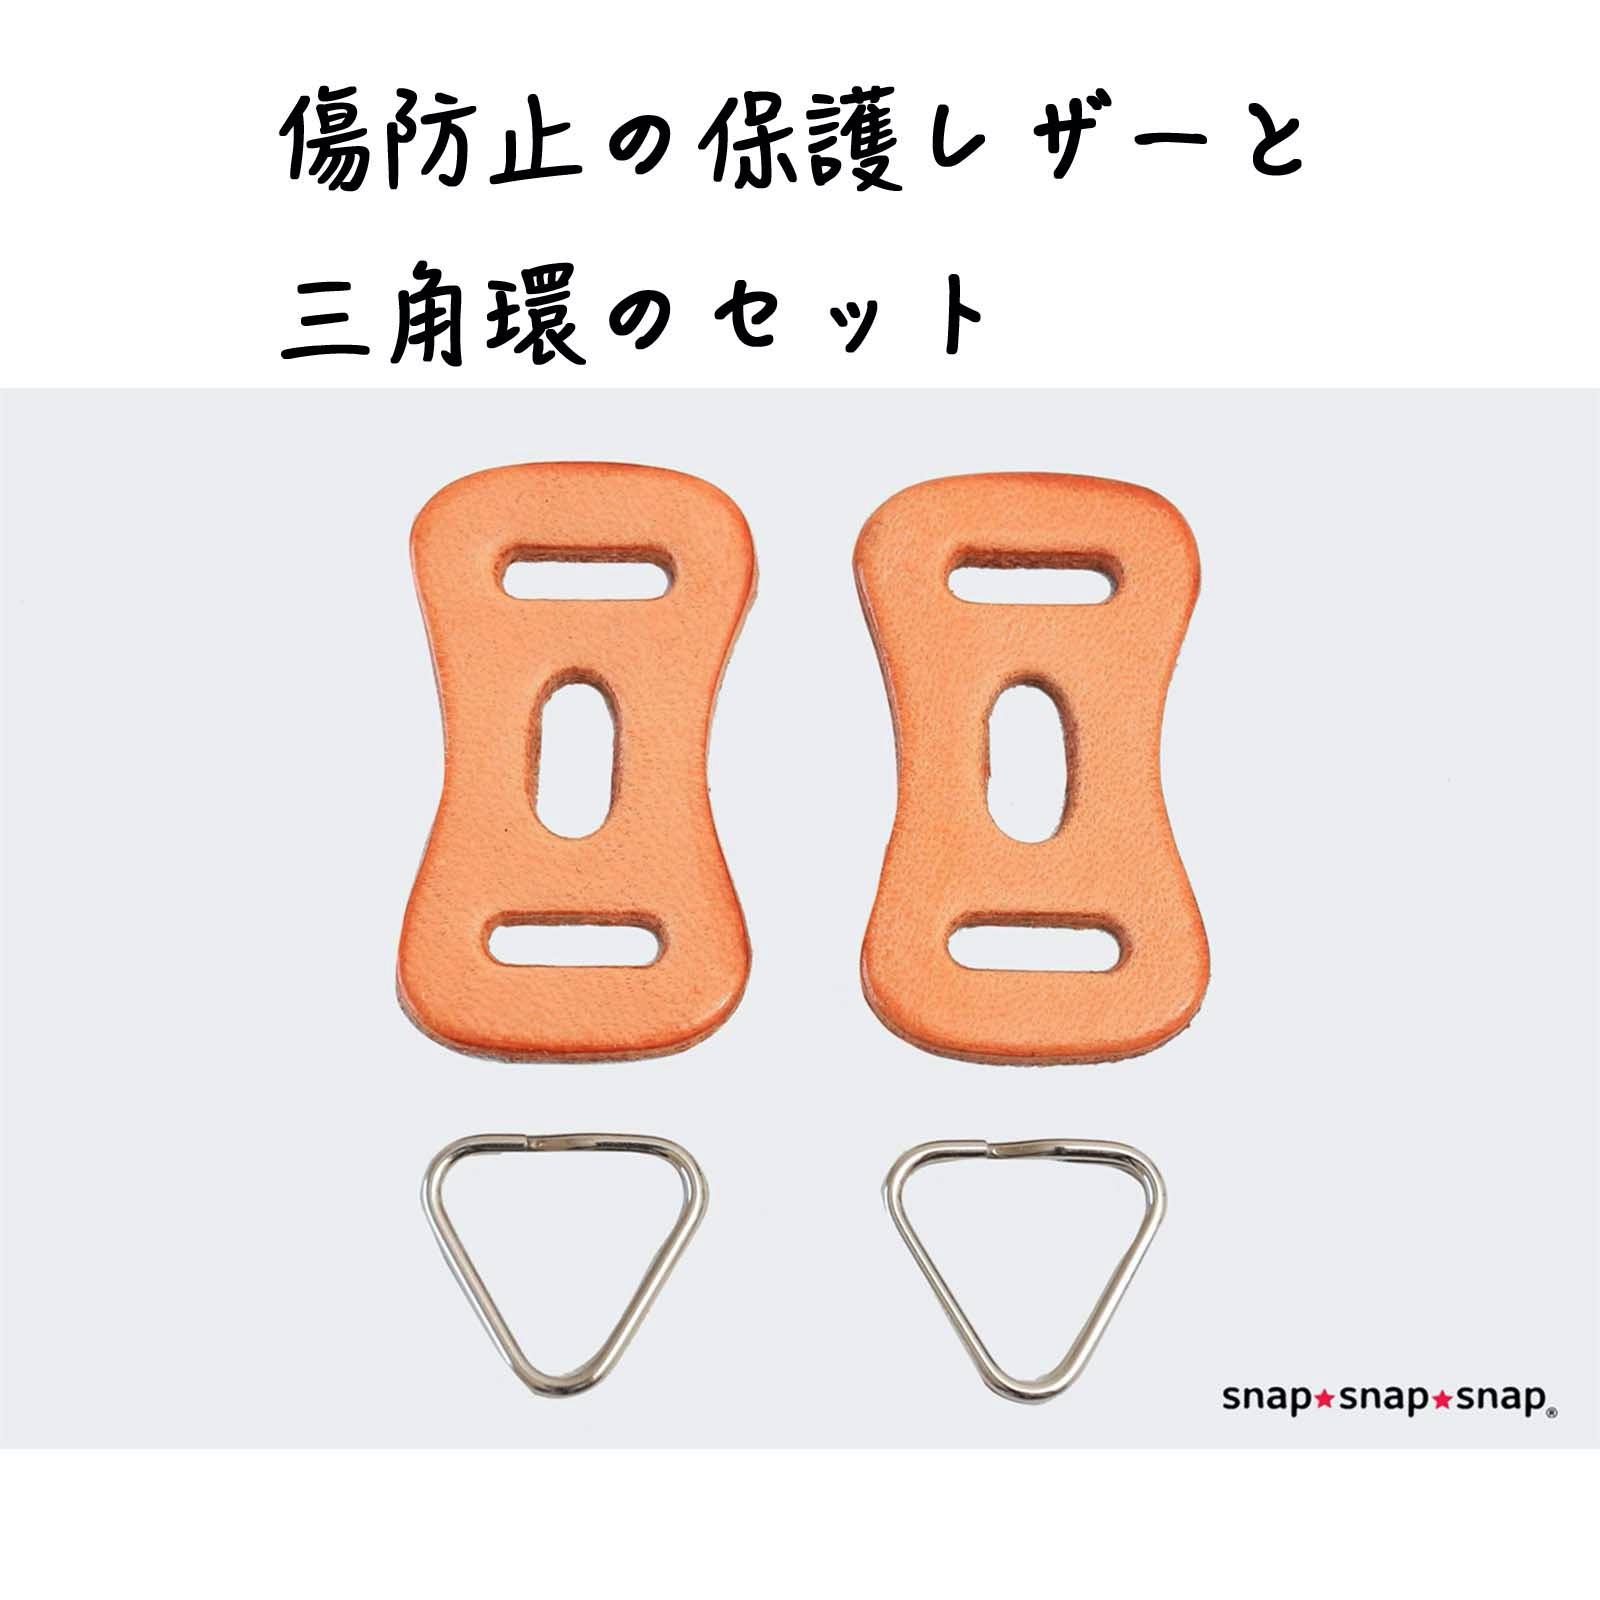 保護レザー&三角環セット イタリアンレザーBROWN